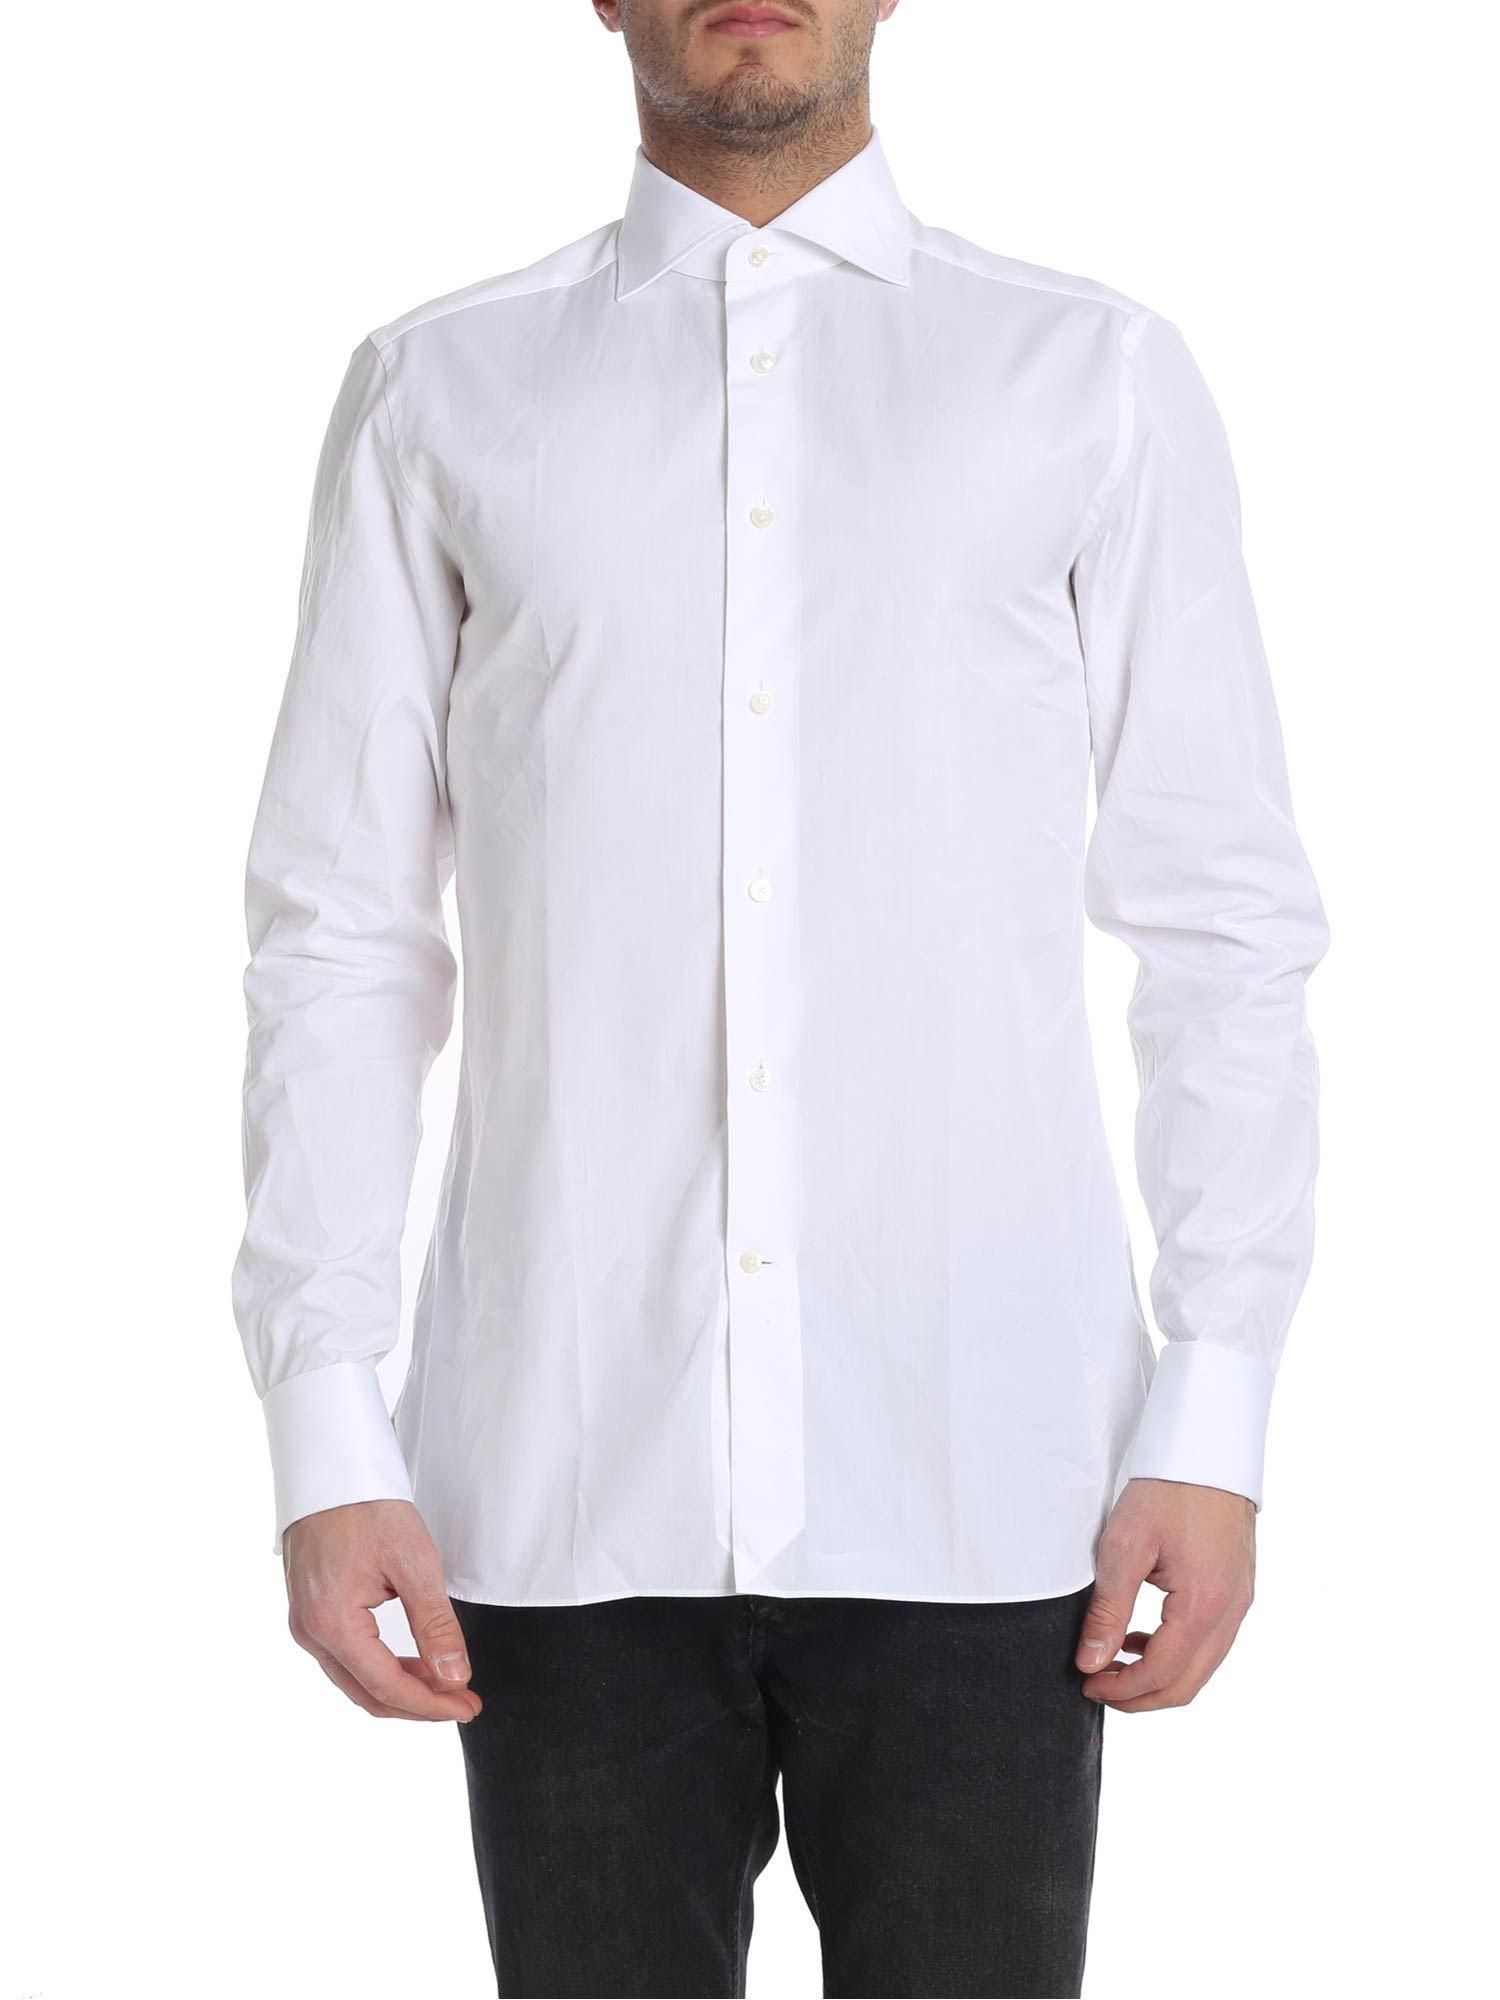 85e28a24 Lyst - Ermenegildo Zegna White Cotton Shirt in White for Men